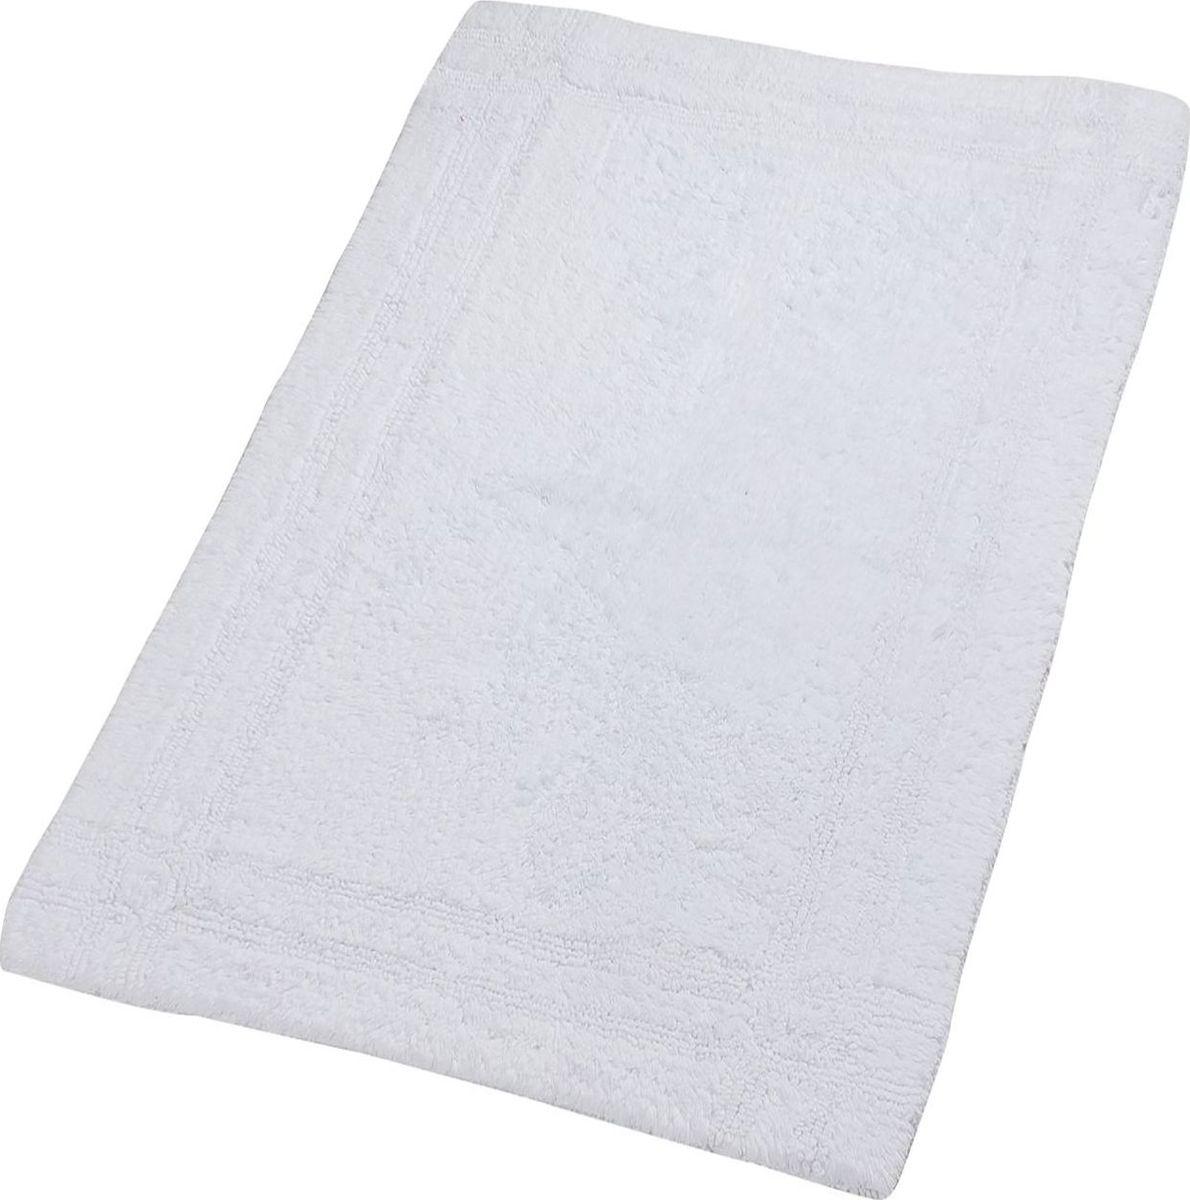 """Коврик для ванной Ridder """"Antigua"""", двухсторонний, цвет: белый, 70 х 120 см"""